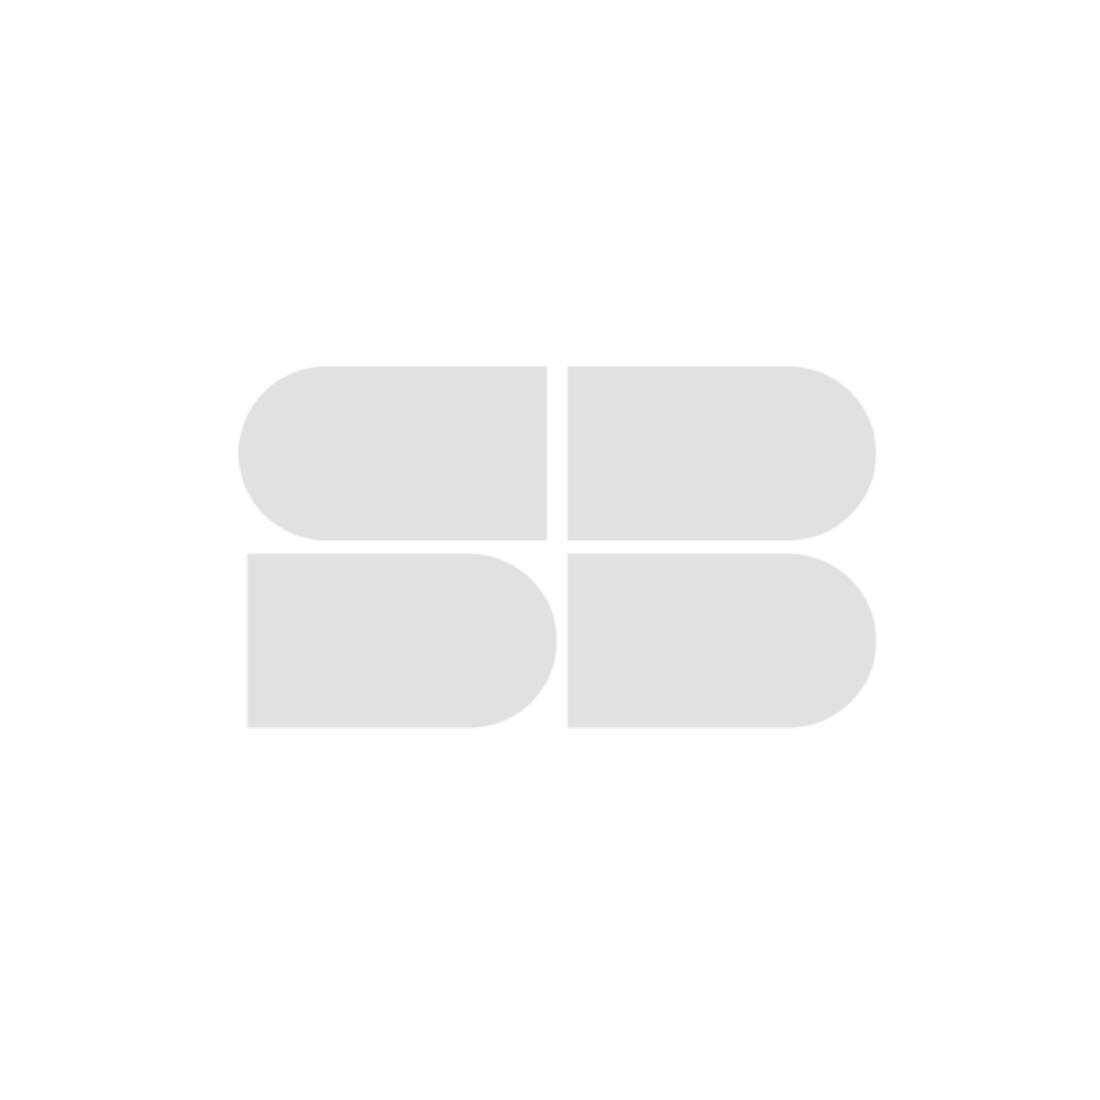 ที่นอน Vono รุ่น Cozy Care ขนาด 6 ฟุต-03